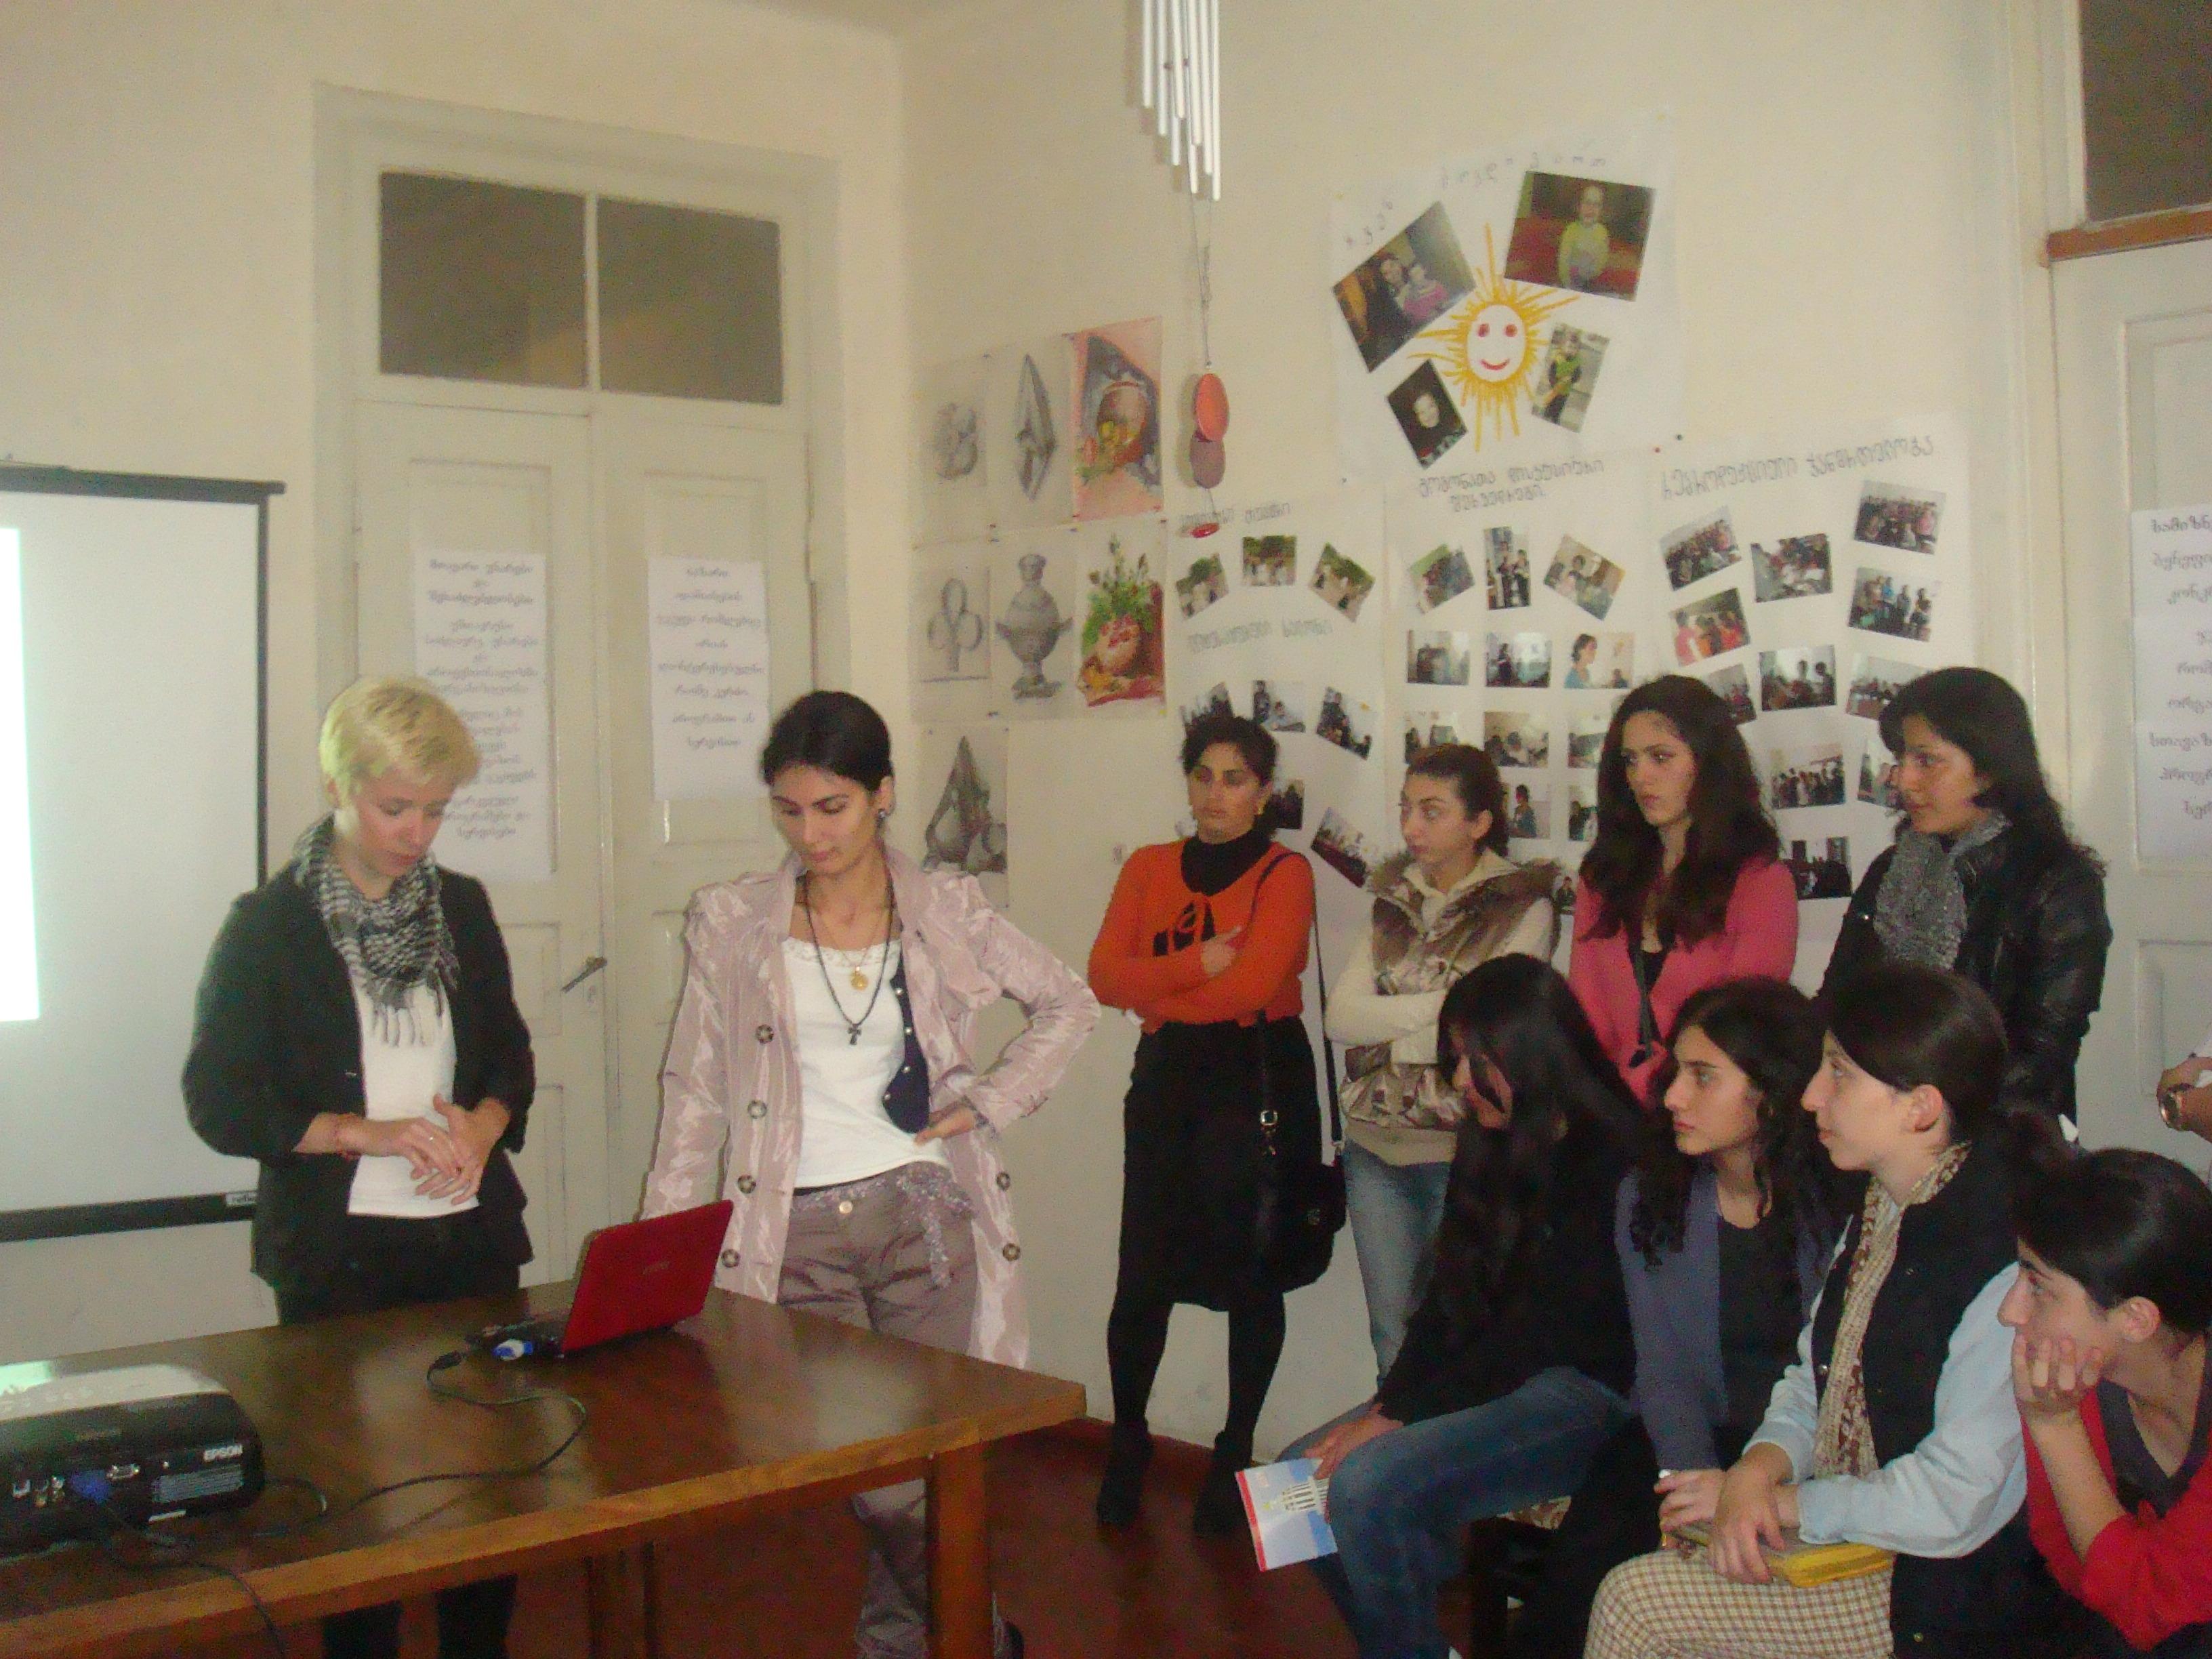 Gruzja, EVS w Gruzji, wolontariat w Gruzji, Martyna Skura, blog podróżniczy